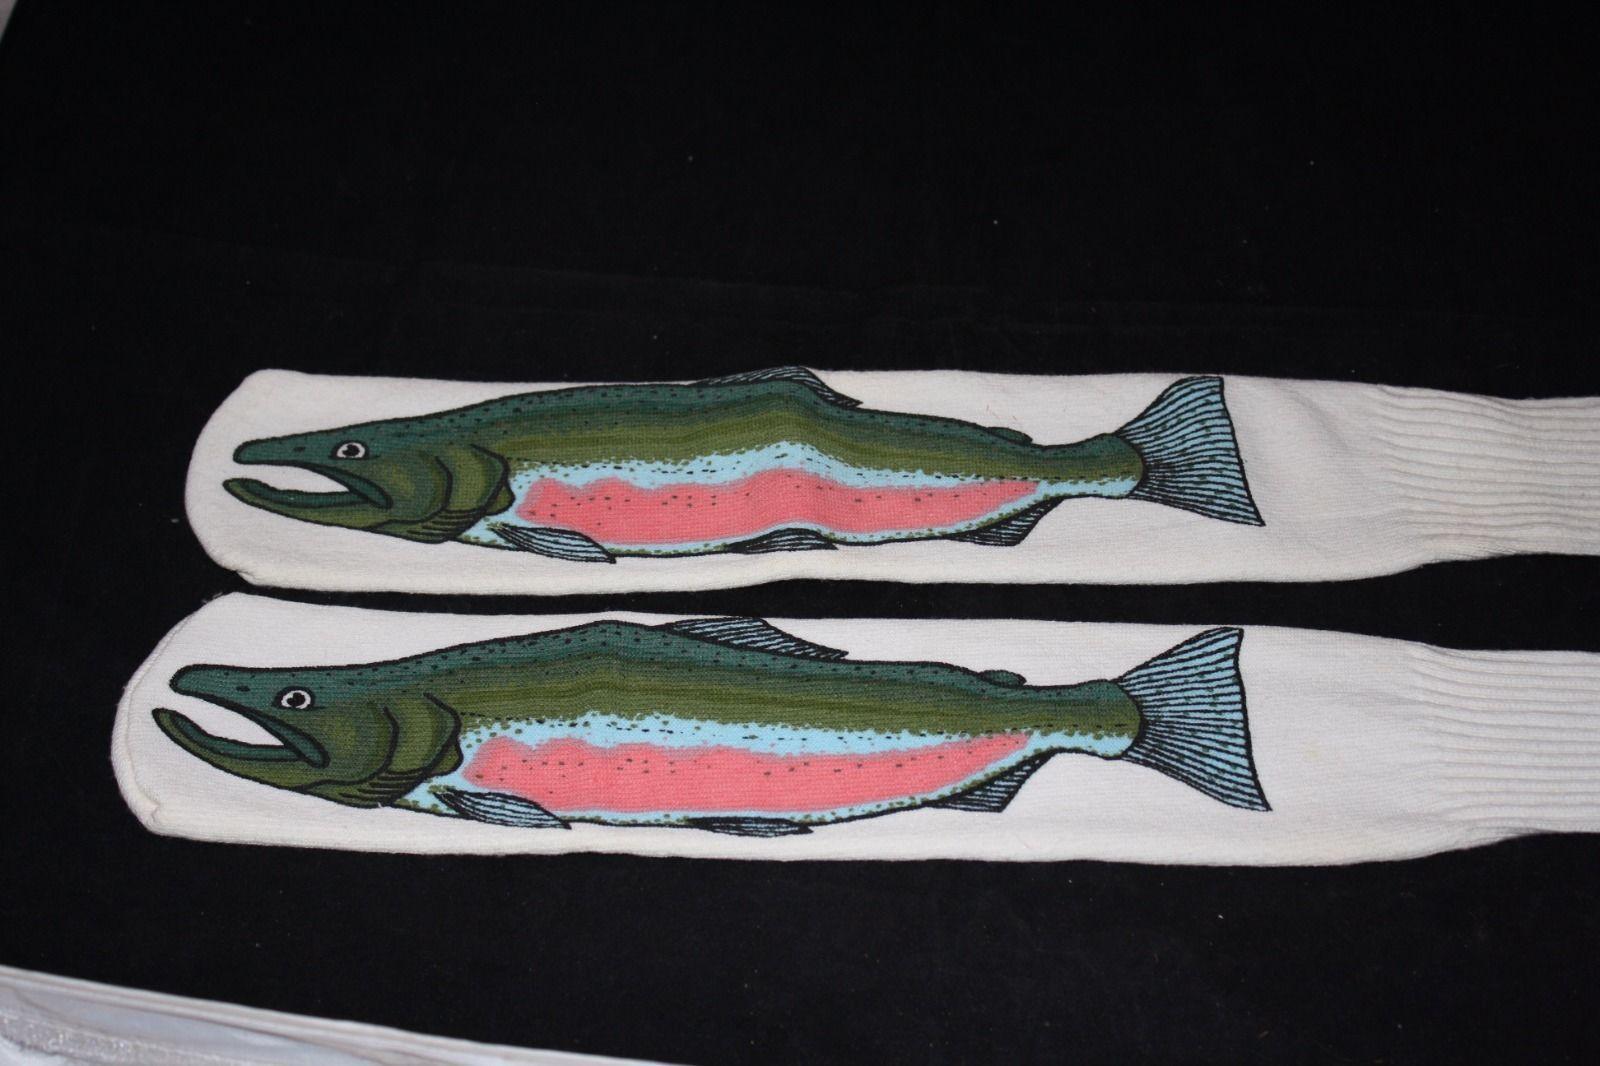 Fishing trout socks fisherman gag gift socks white socks for Fishing gag gifts